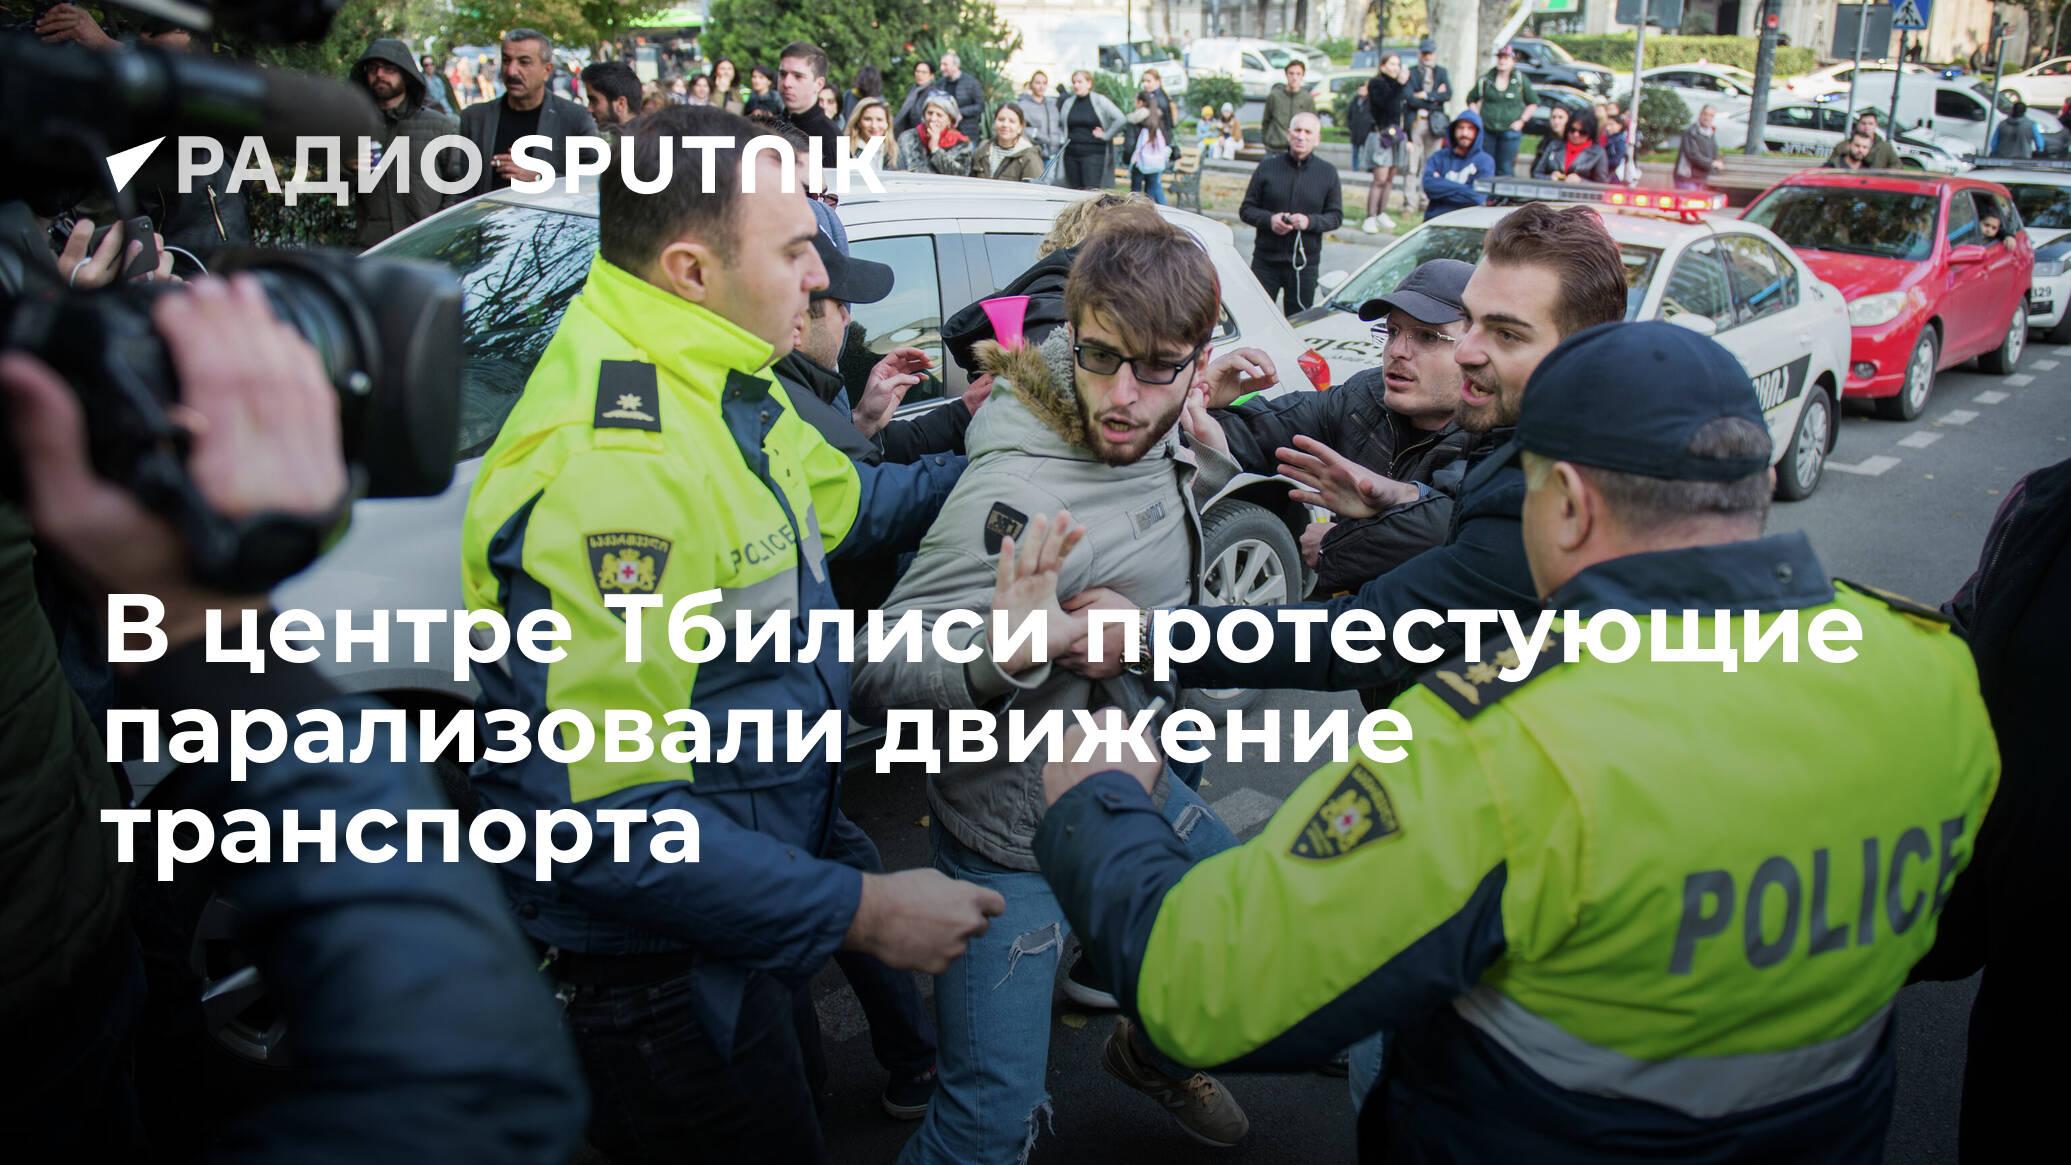 В центре Тбилиси протестующие парализовали движение транспорта